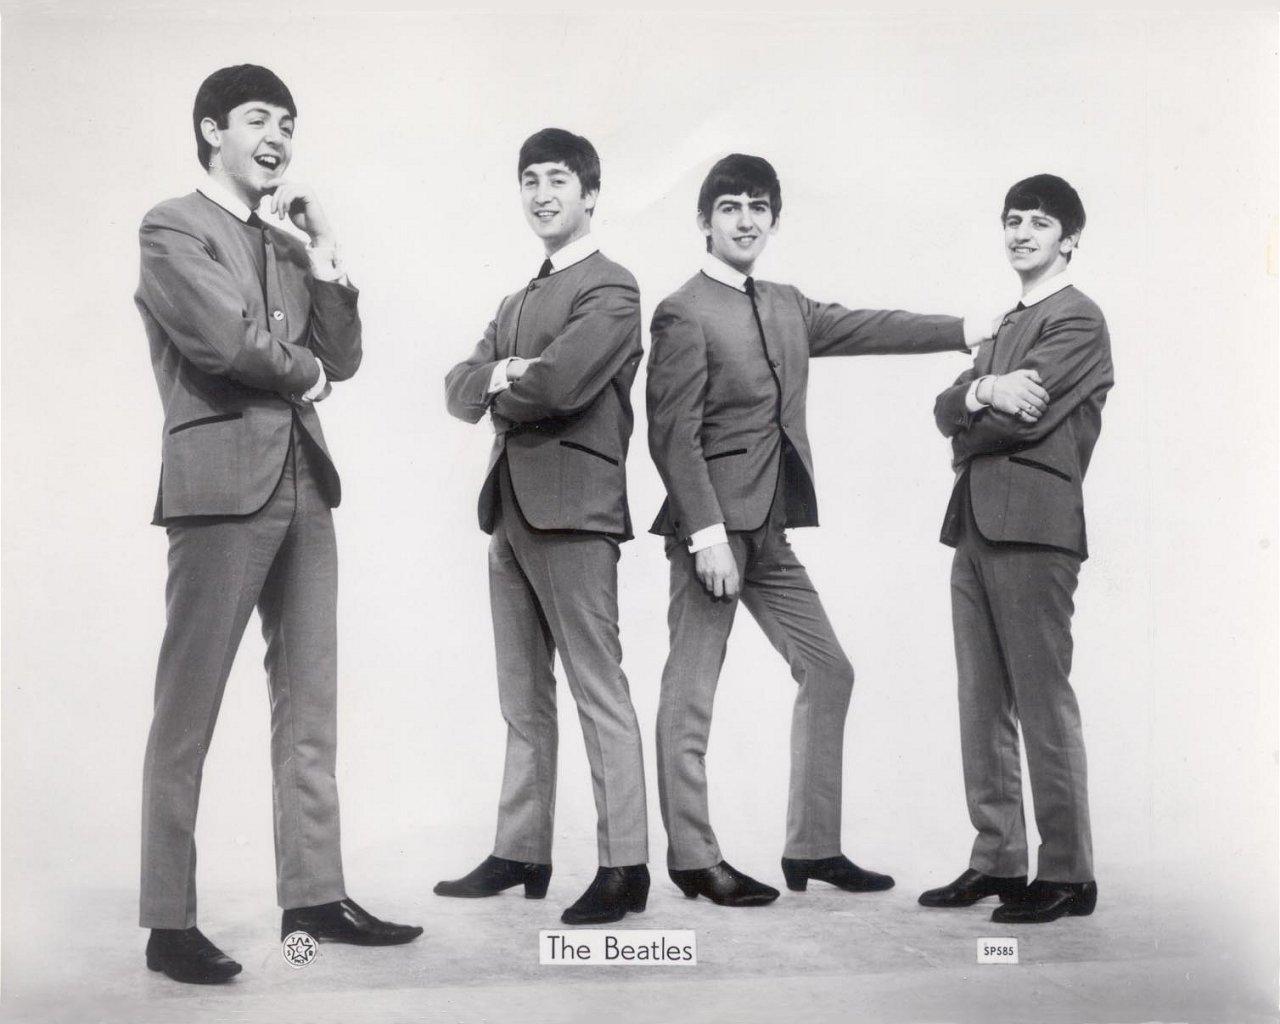 Simple Wallpaper Mac The Beatles - The+Beatles+Wallpaper+4  Gallery_695846.jpg